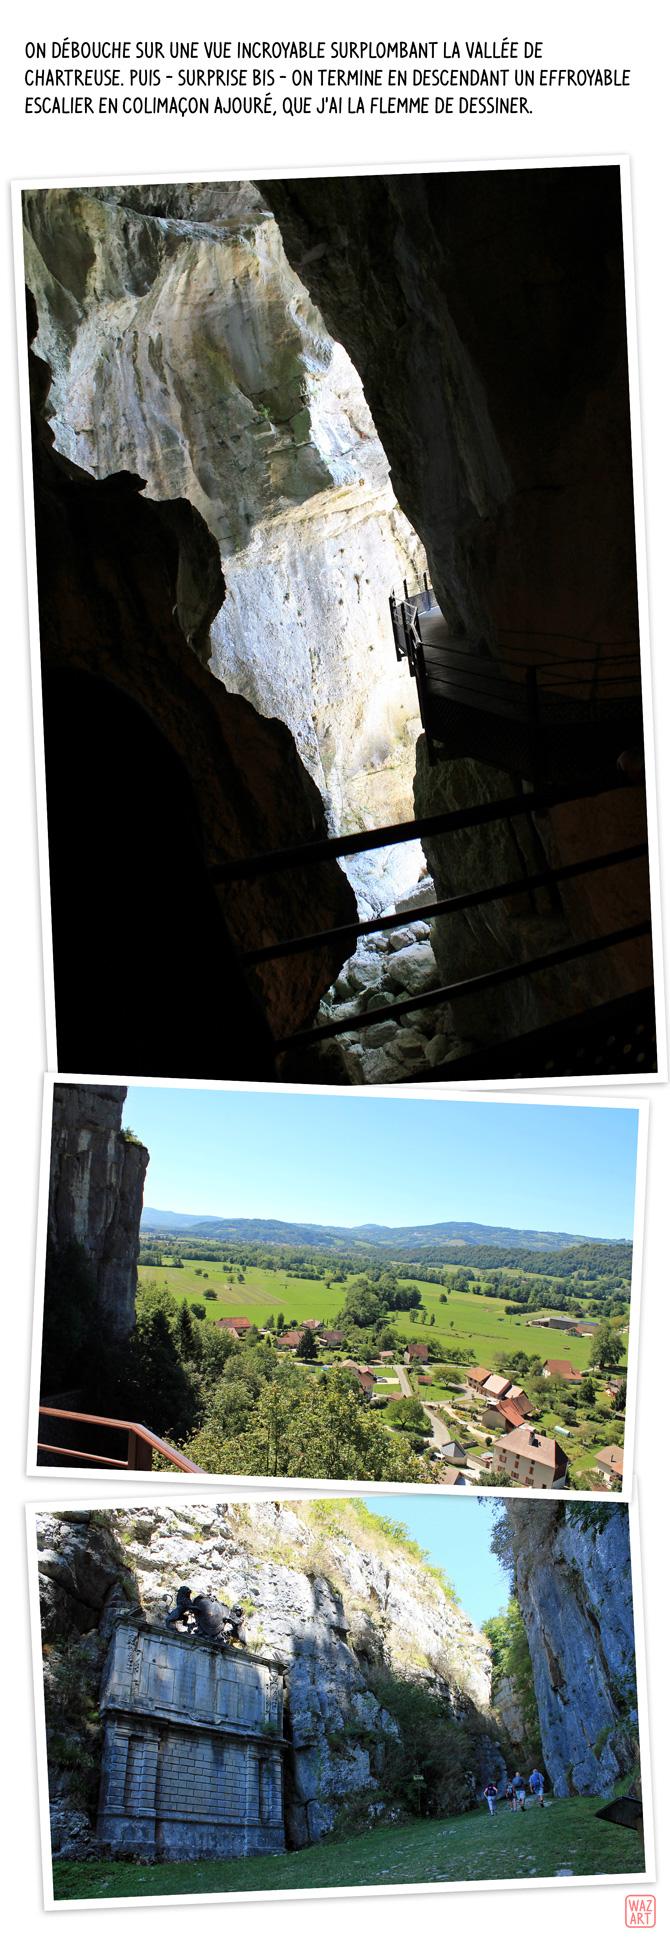 on termine le parcours sur une vue magnifique sur la vallée de Chartreuse